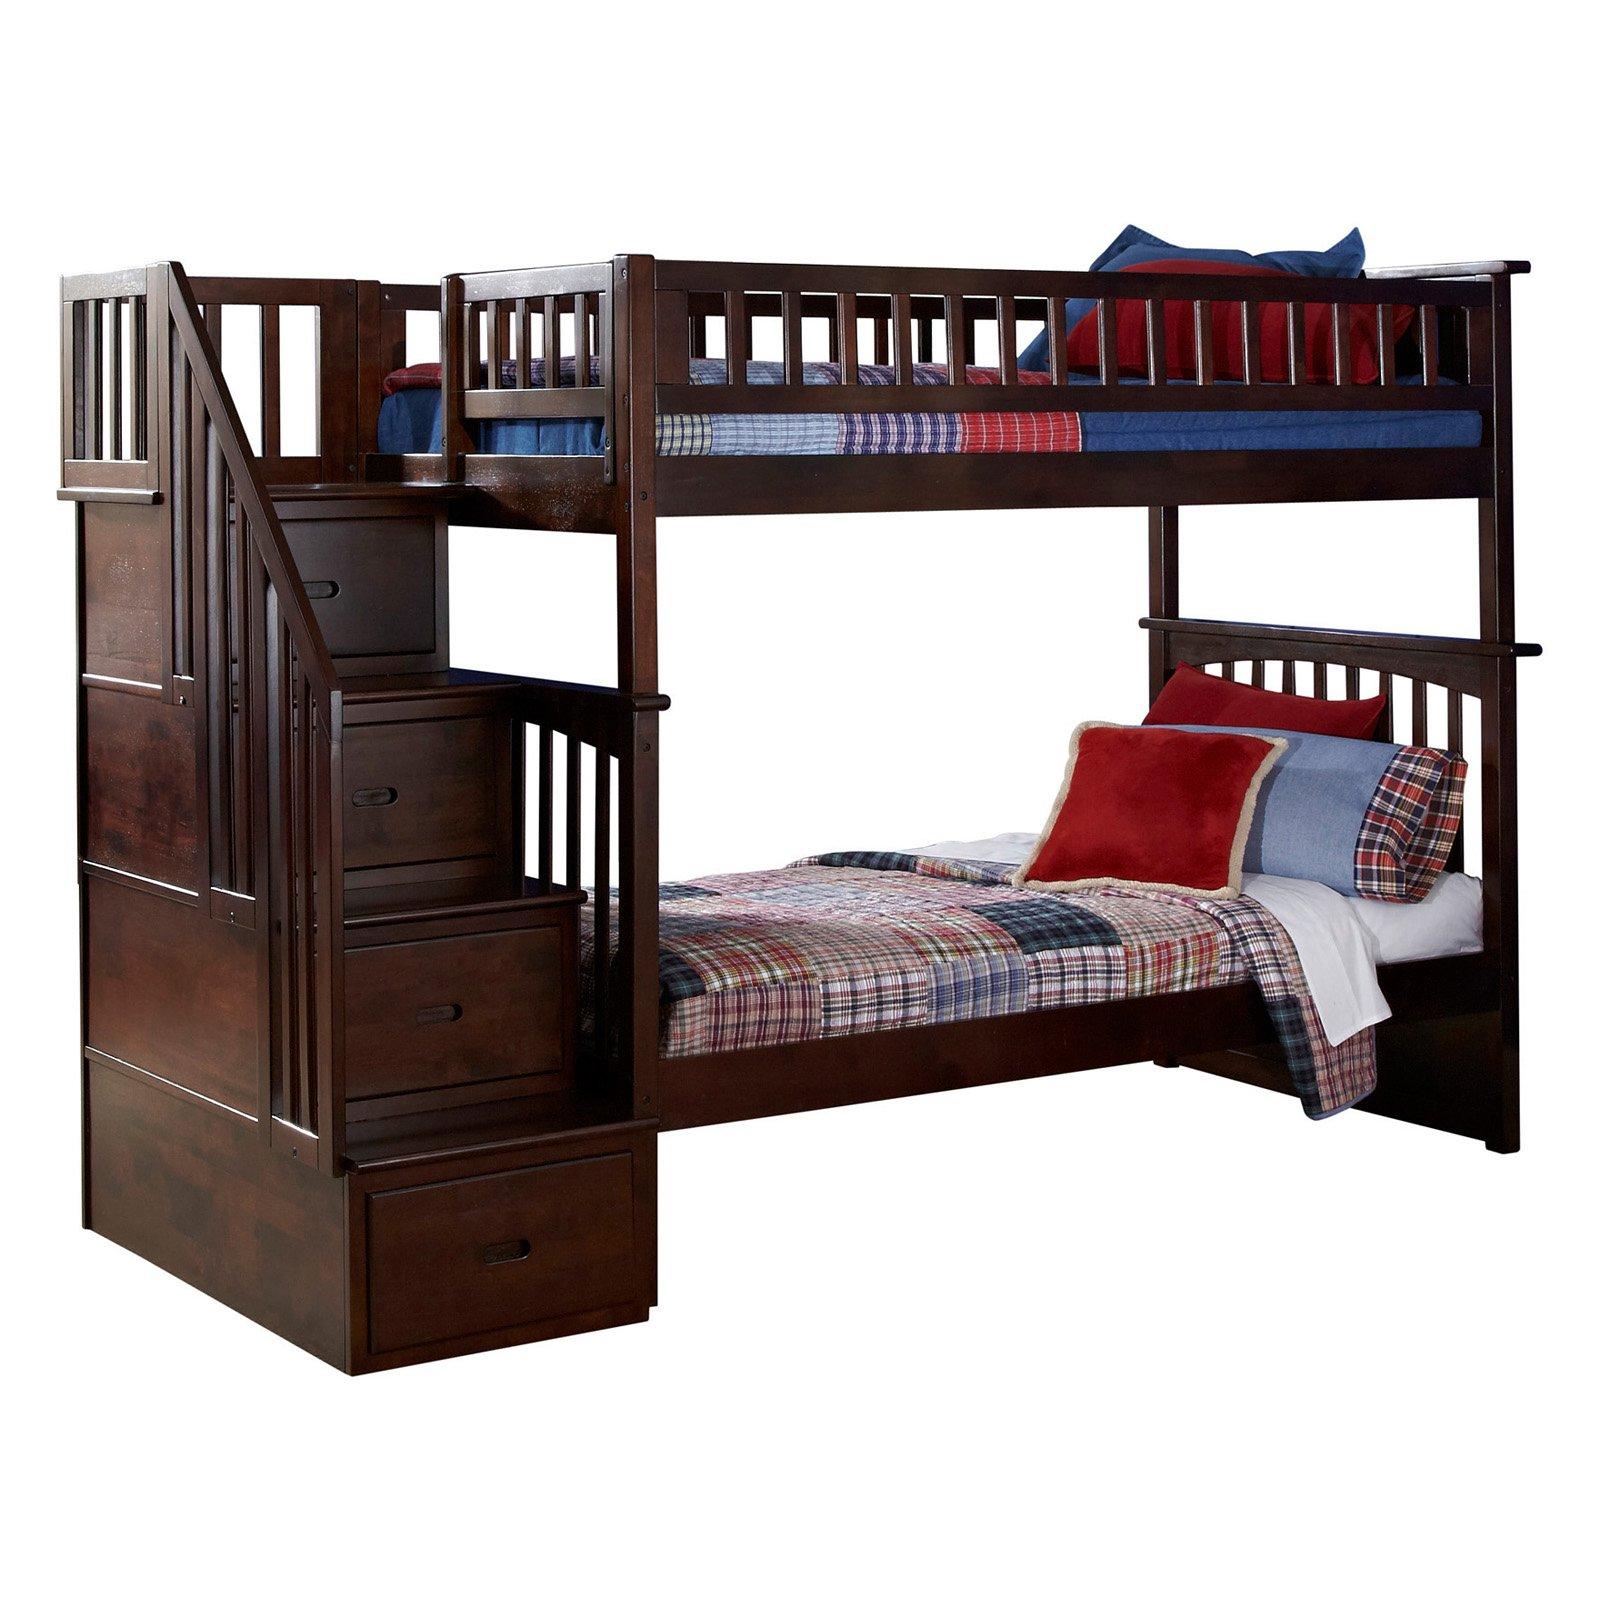 Atlantic Furniture Columbia Staircase Twin Over Twin Bunk Bed by Atlantic Furniture